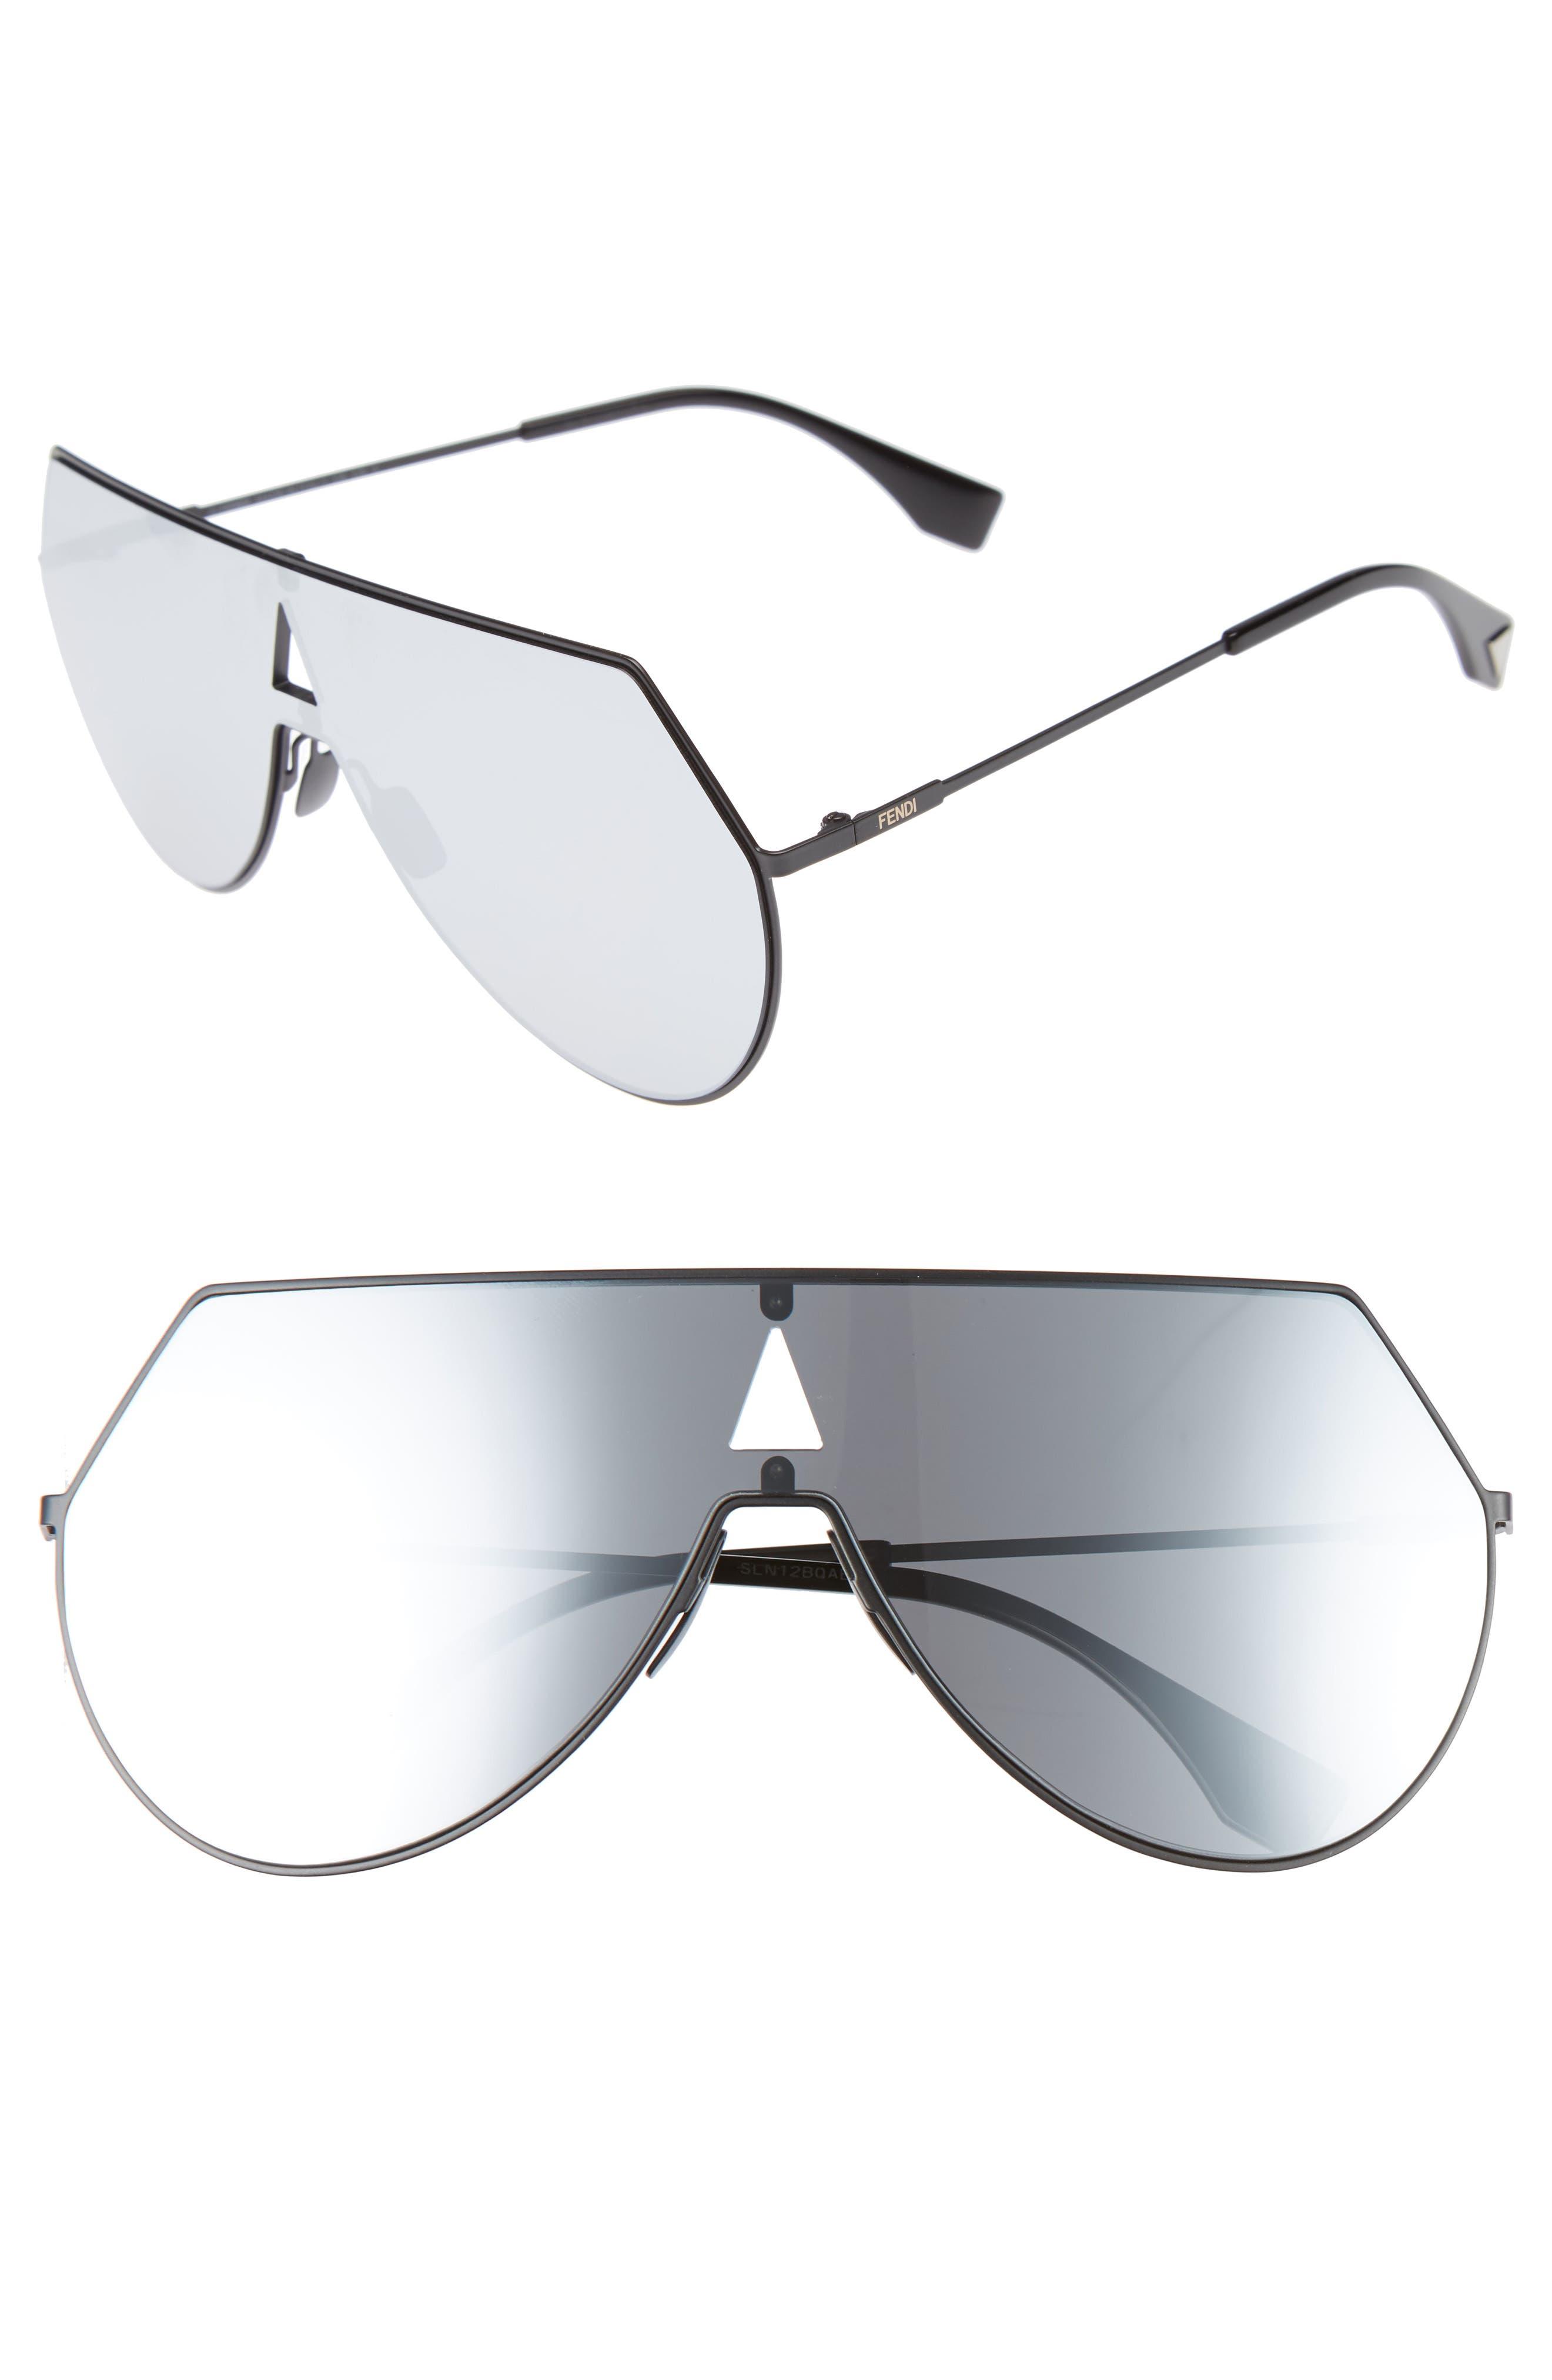 99mm Eyeline Aviator Sunglasses,                             Alternate thumbnail 2, color,                             MATTE BLACK